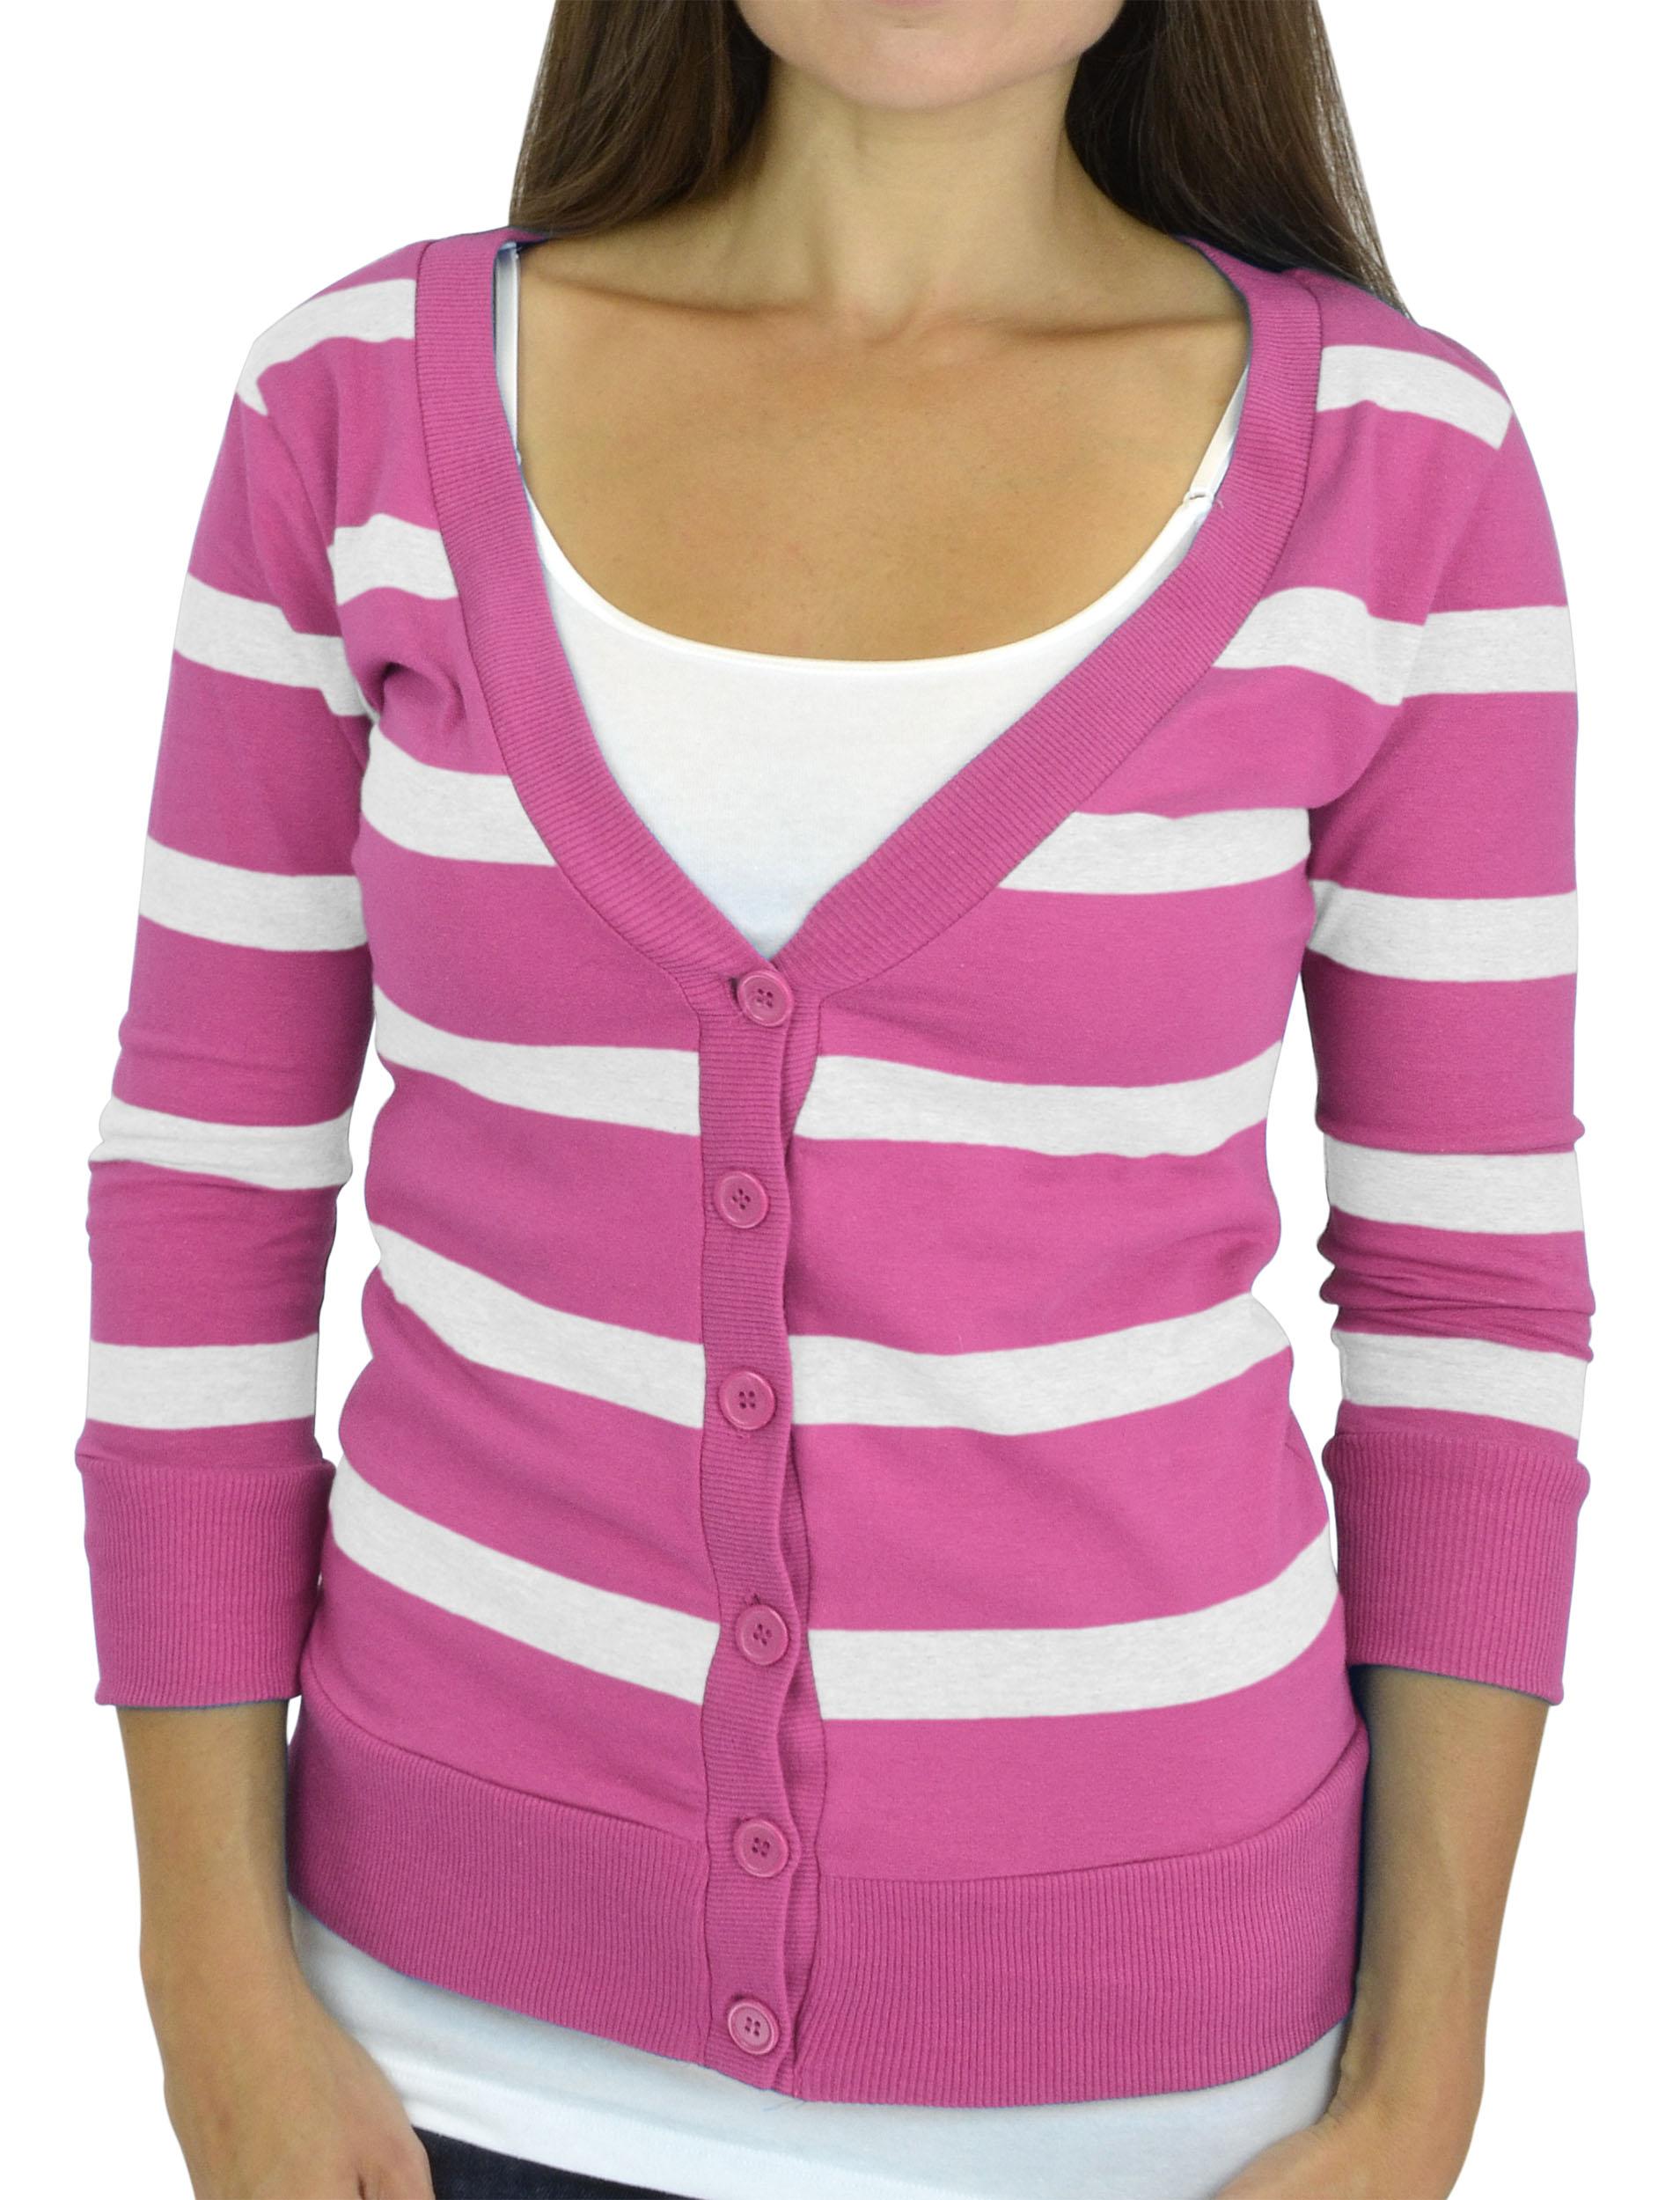 Belle Donne - Women / Girl Junior Size Soft 3/4 Sleeve V-Neck Sweater Cardigans - White/Medium